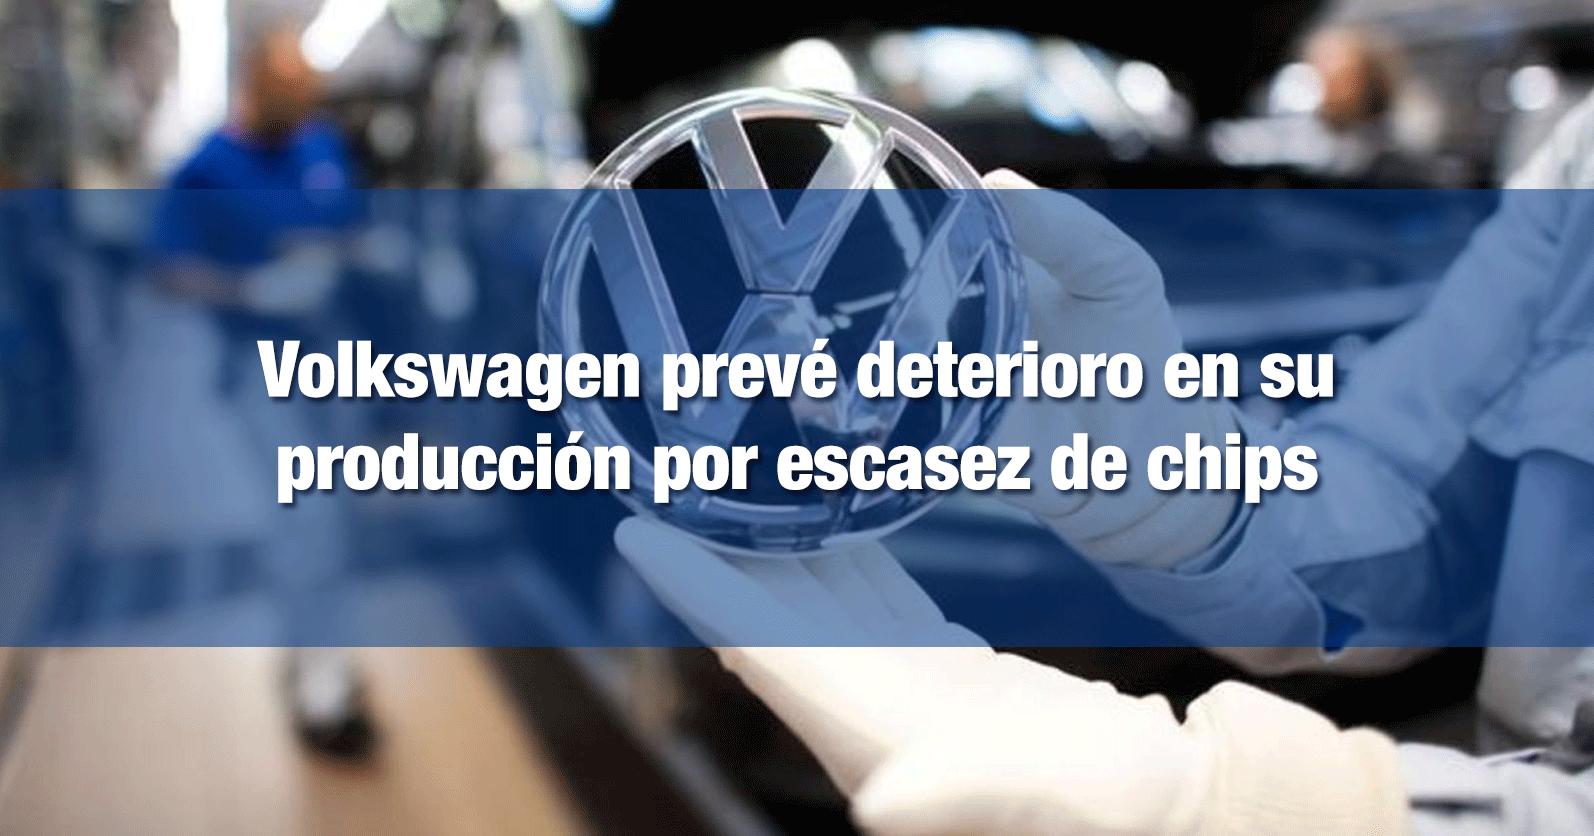 Volkswagen prevé deterioro en su producción por escasez de chips